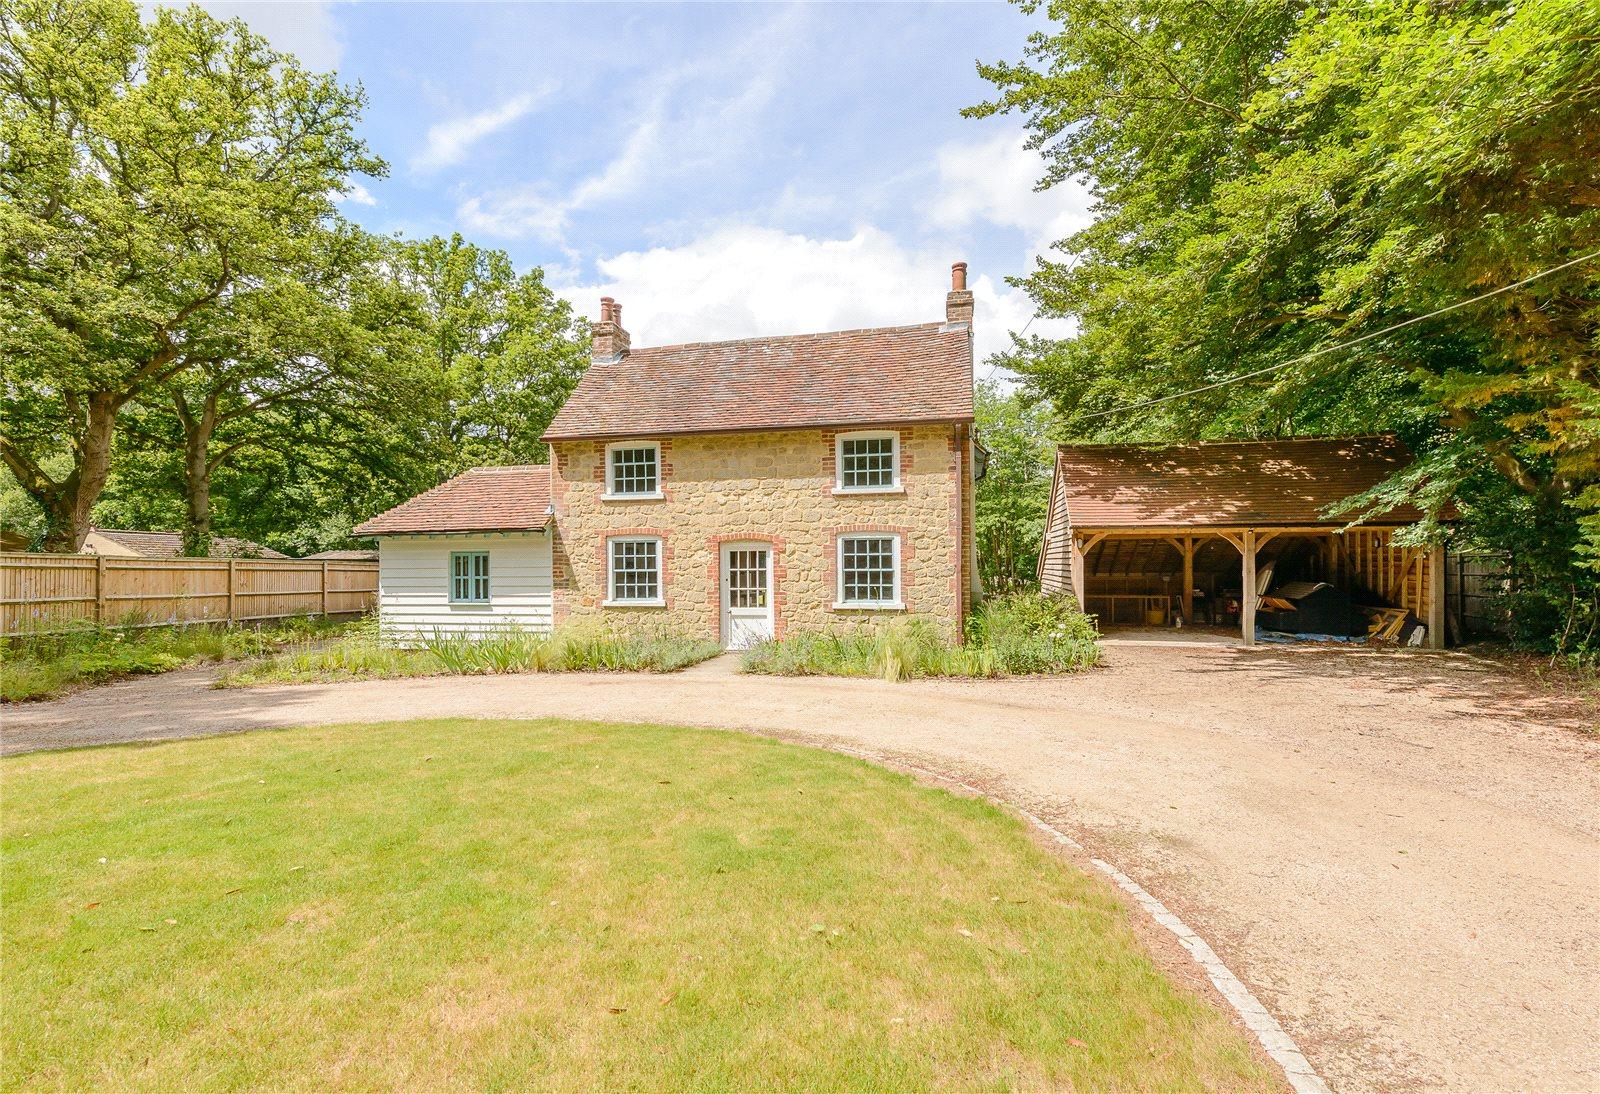 단독 가정 주택 용 매매 에 Hollywater Road, Hollywater, Hampshire, GU35 Hollywater, 영국